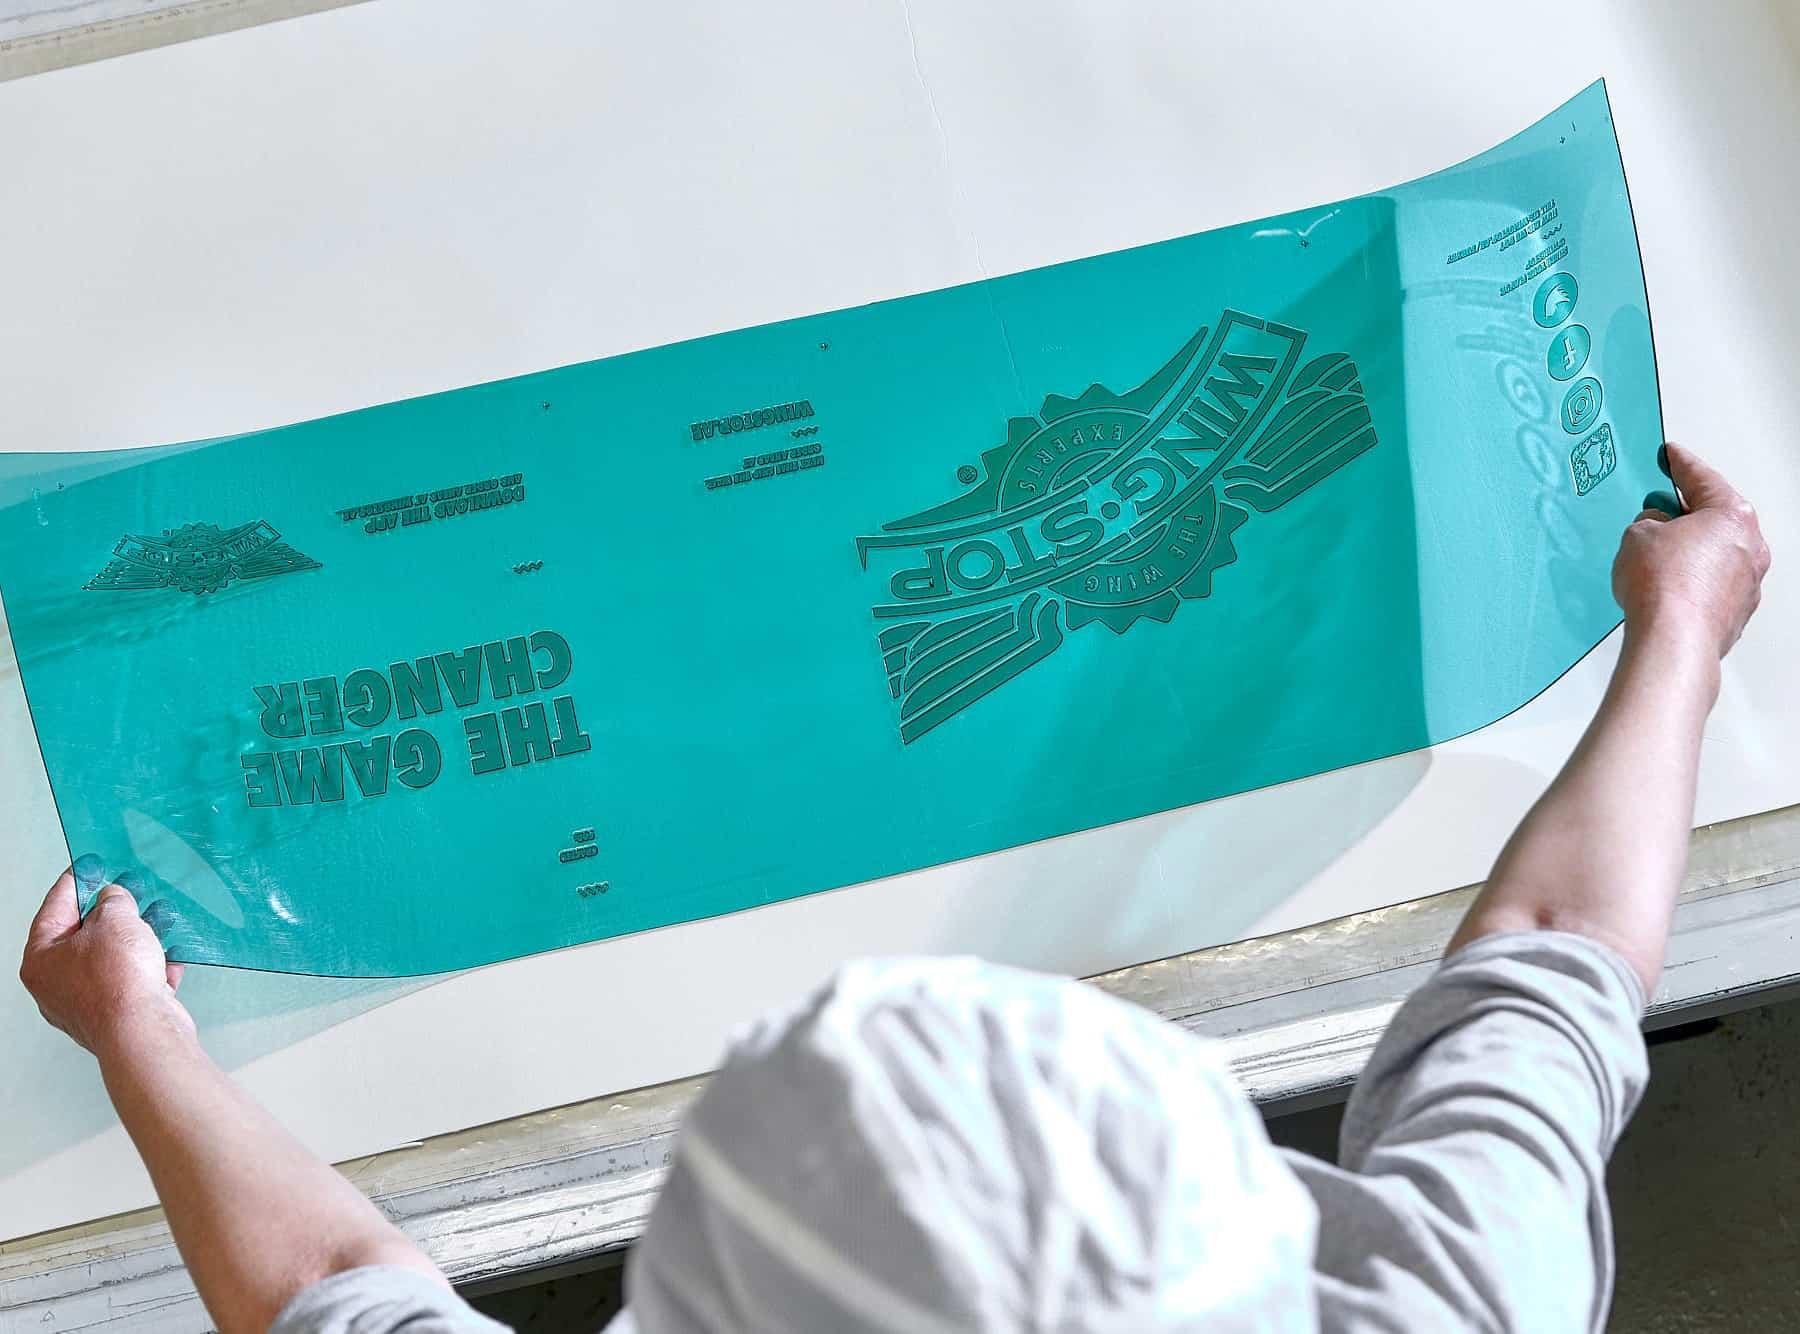 esempio di design e grafica personalizzata da cartotecnica postumia per un packaging